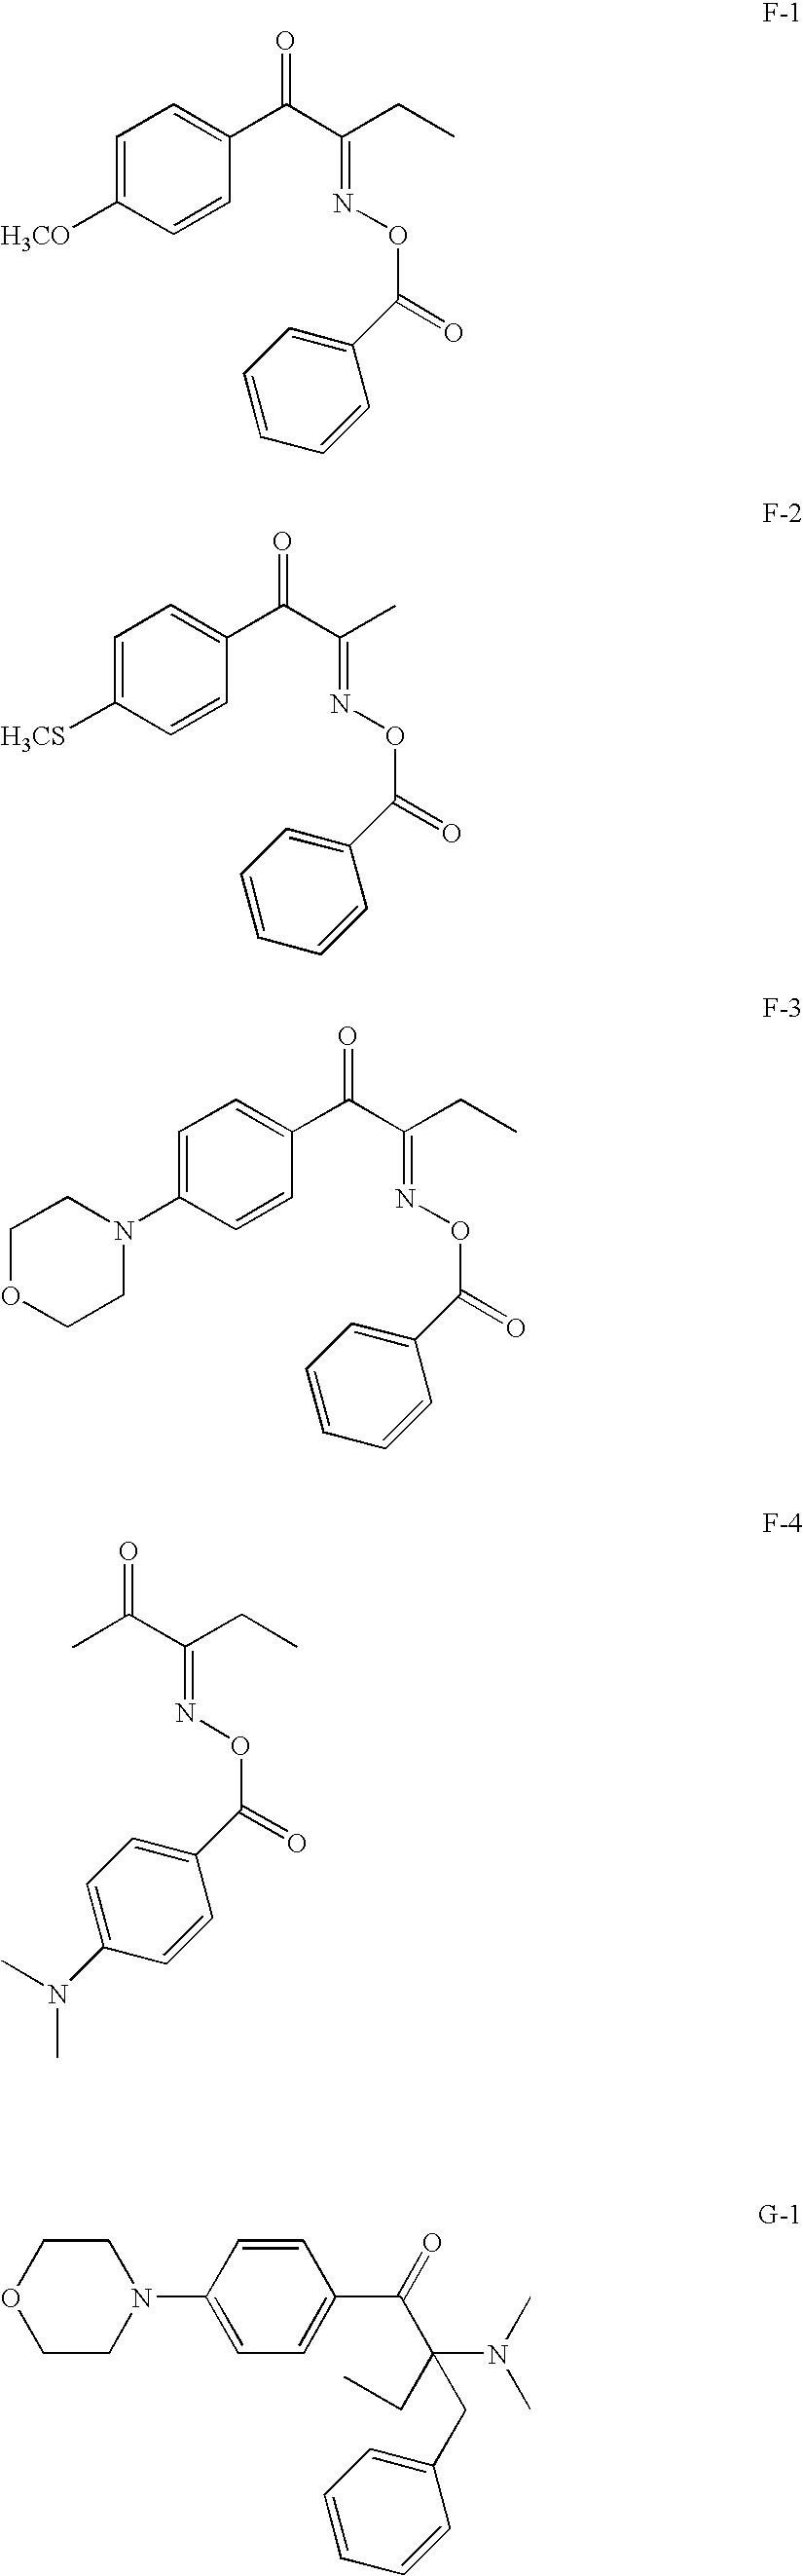 Figure US20090066883A1-20090312-C00009